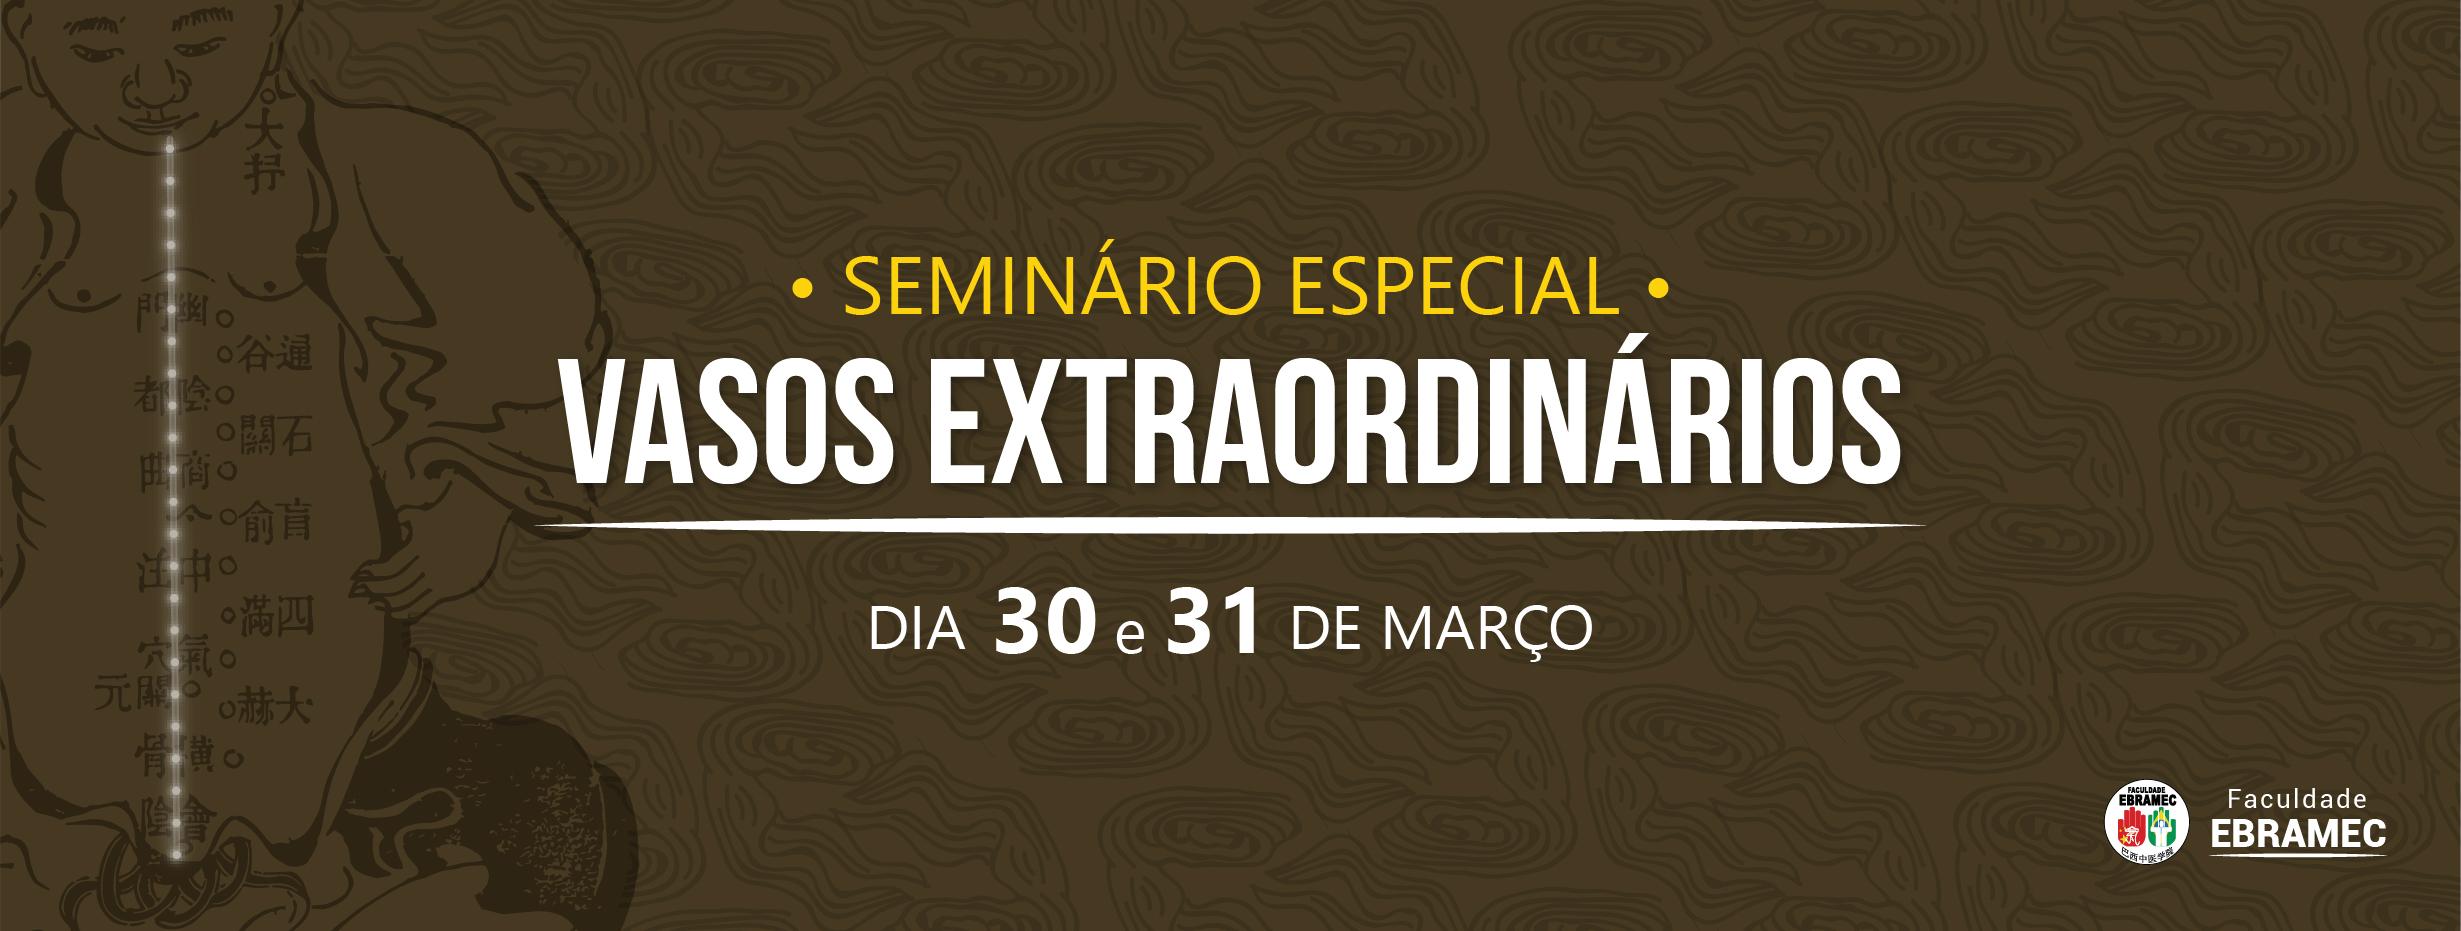 Seminário Especial sobre Vasos Extraordinários